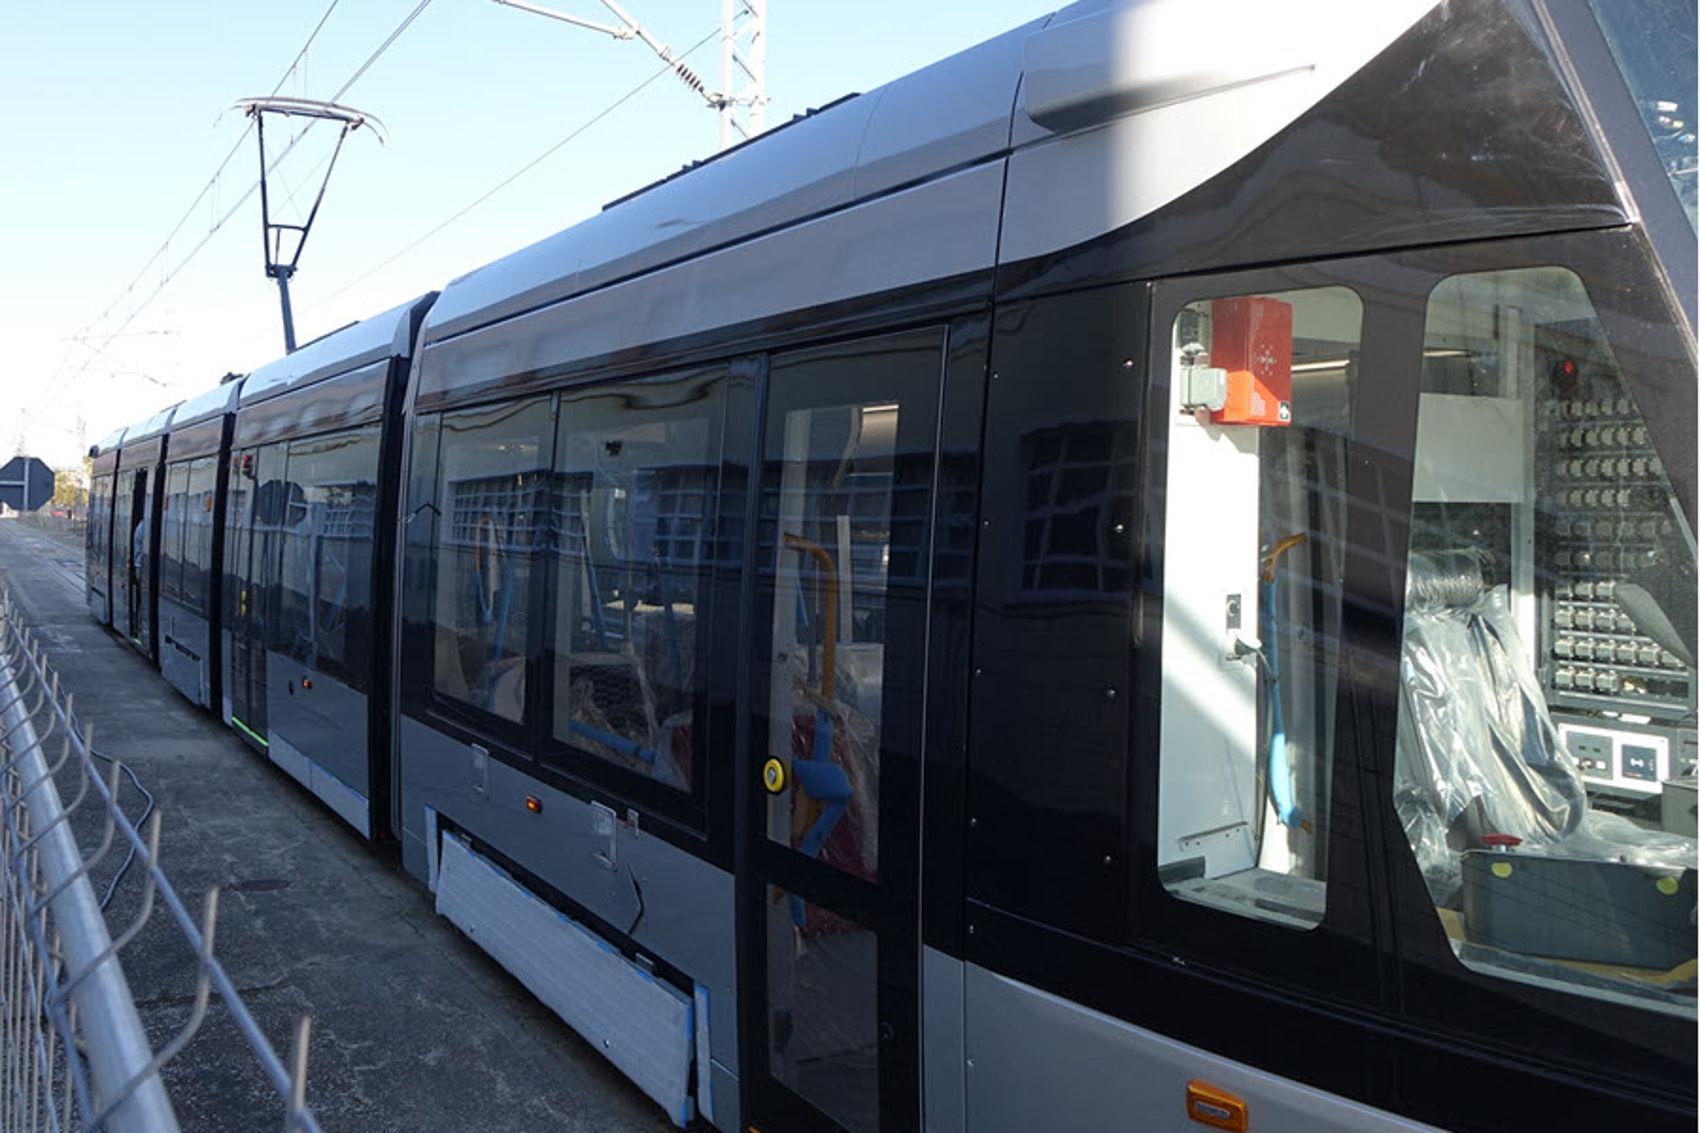 15G tram daglicht spoor CAF Spanje_afb overgvb